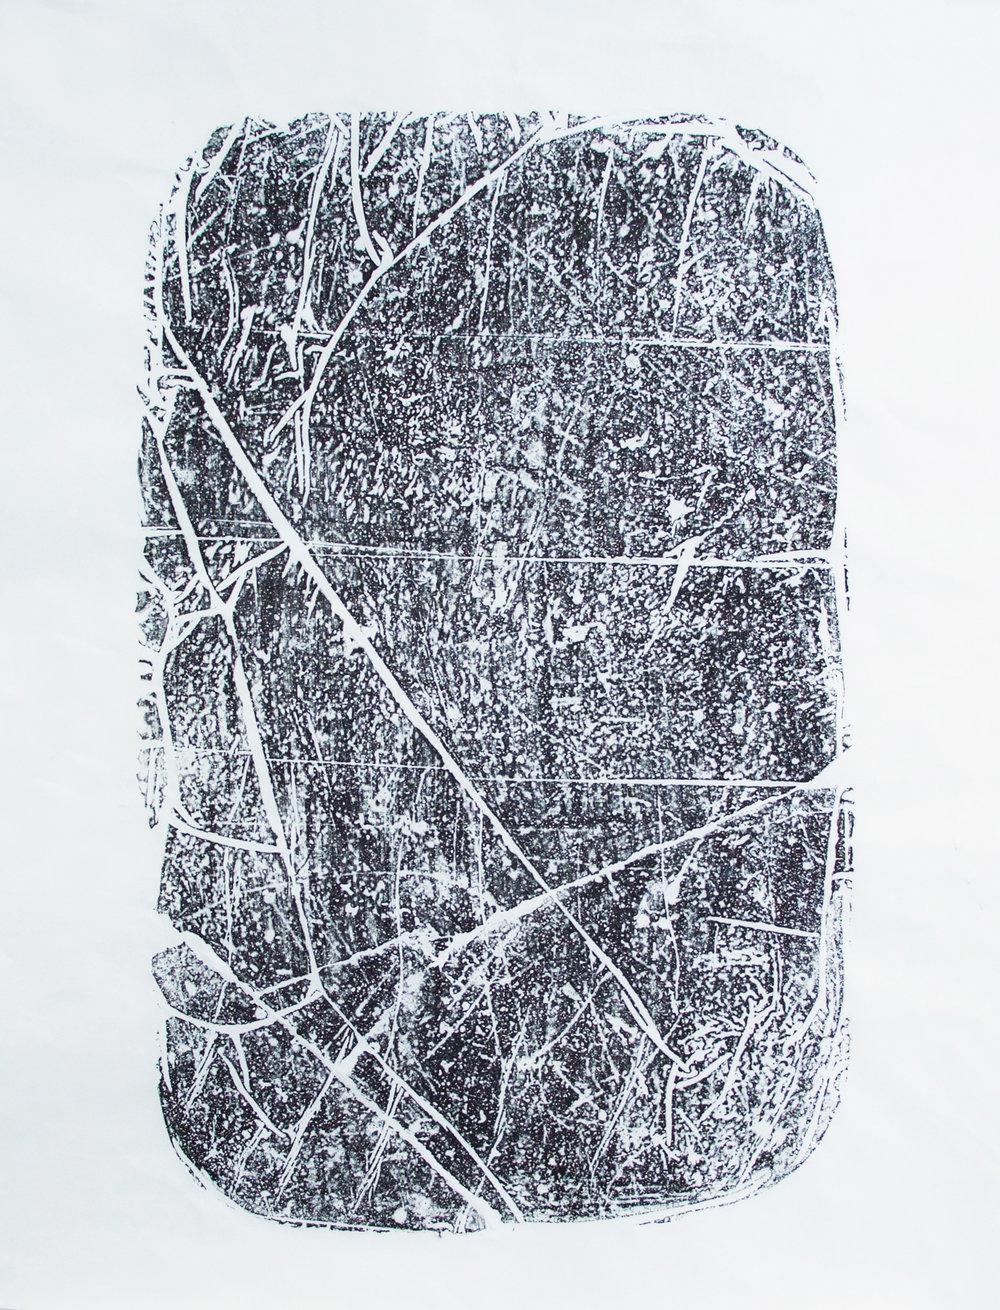 Monolith Print #6